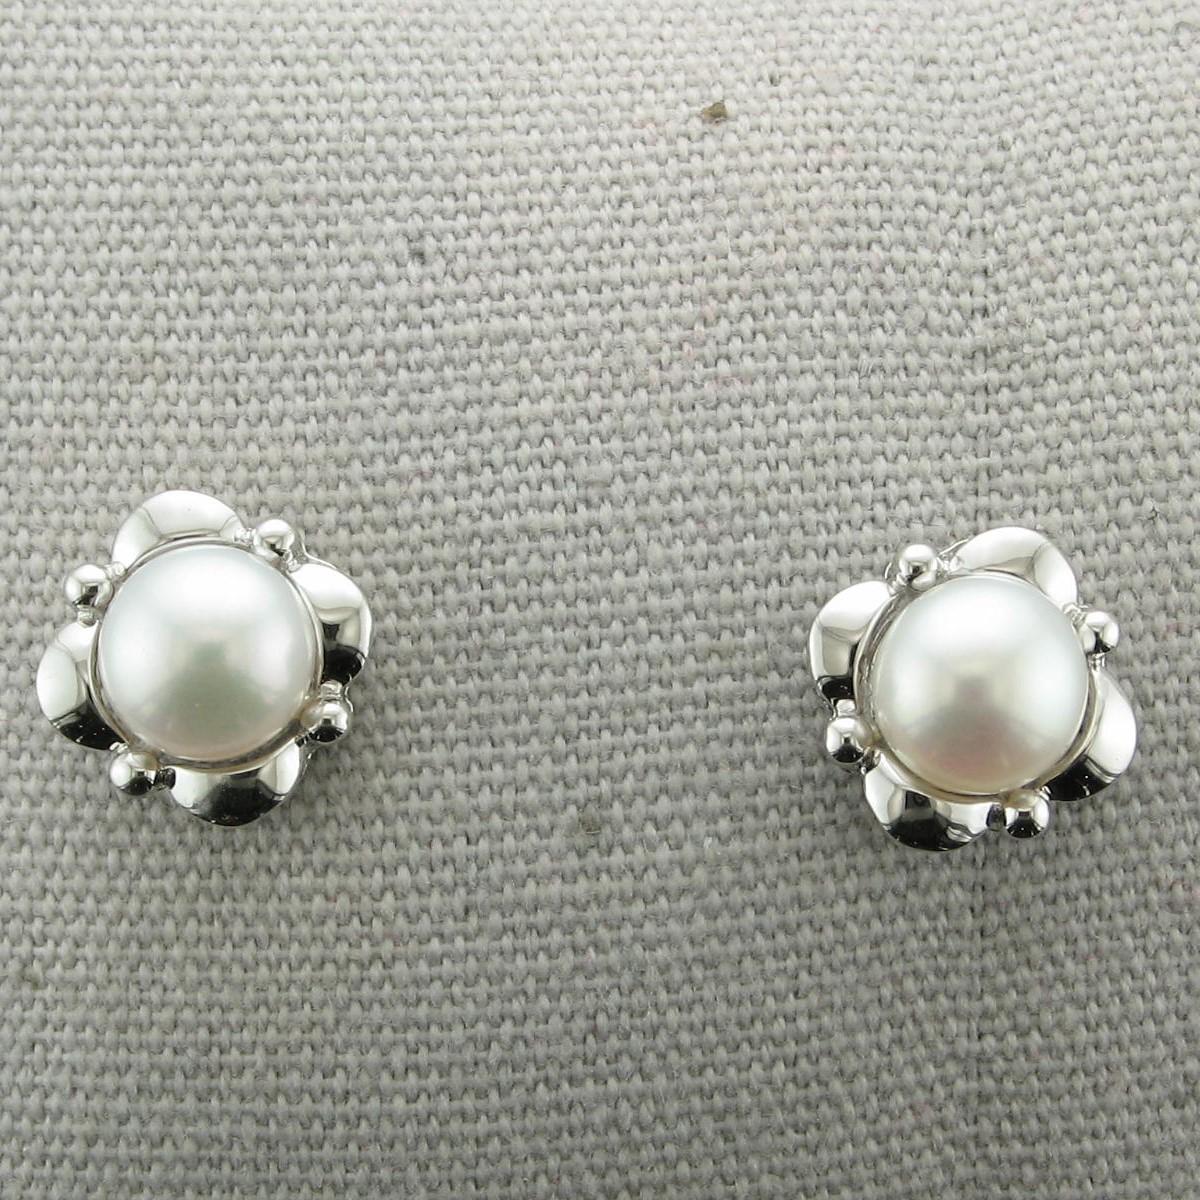 Pearl Earrings set in a Sterling Silver Flower